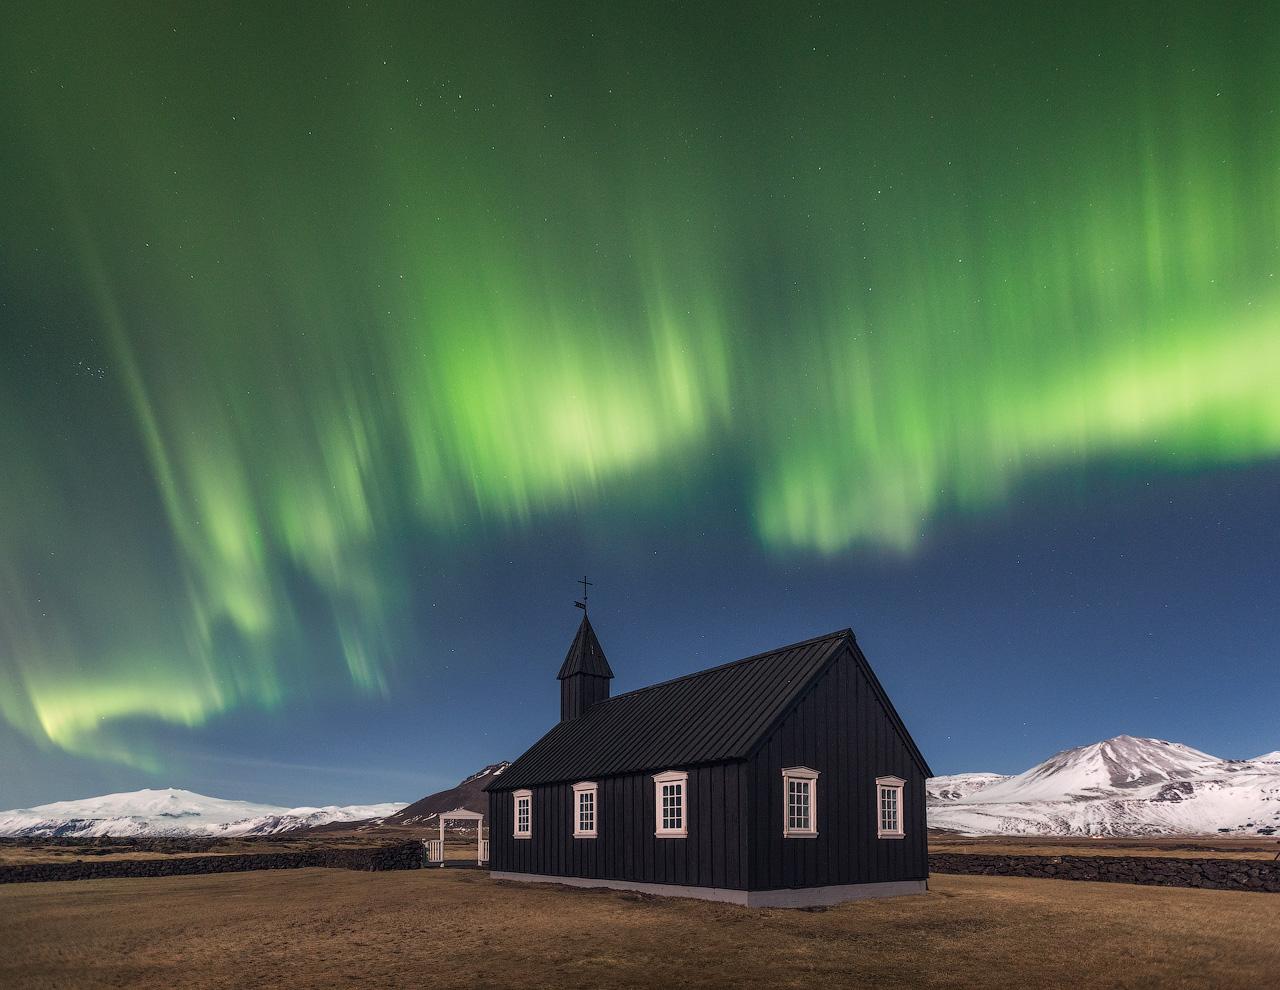 在冰岛的秋季,可以看到图片中的北极光在黑教堂Buðir后方翩翩起舞。